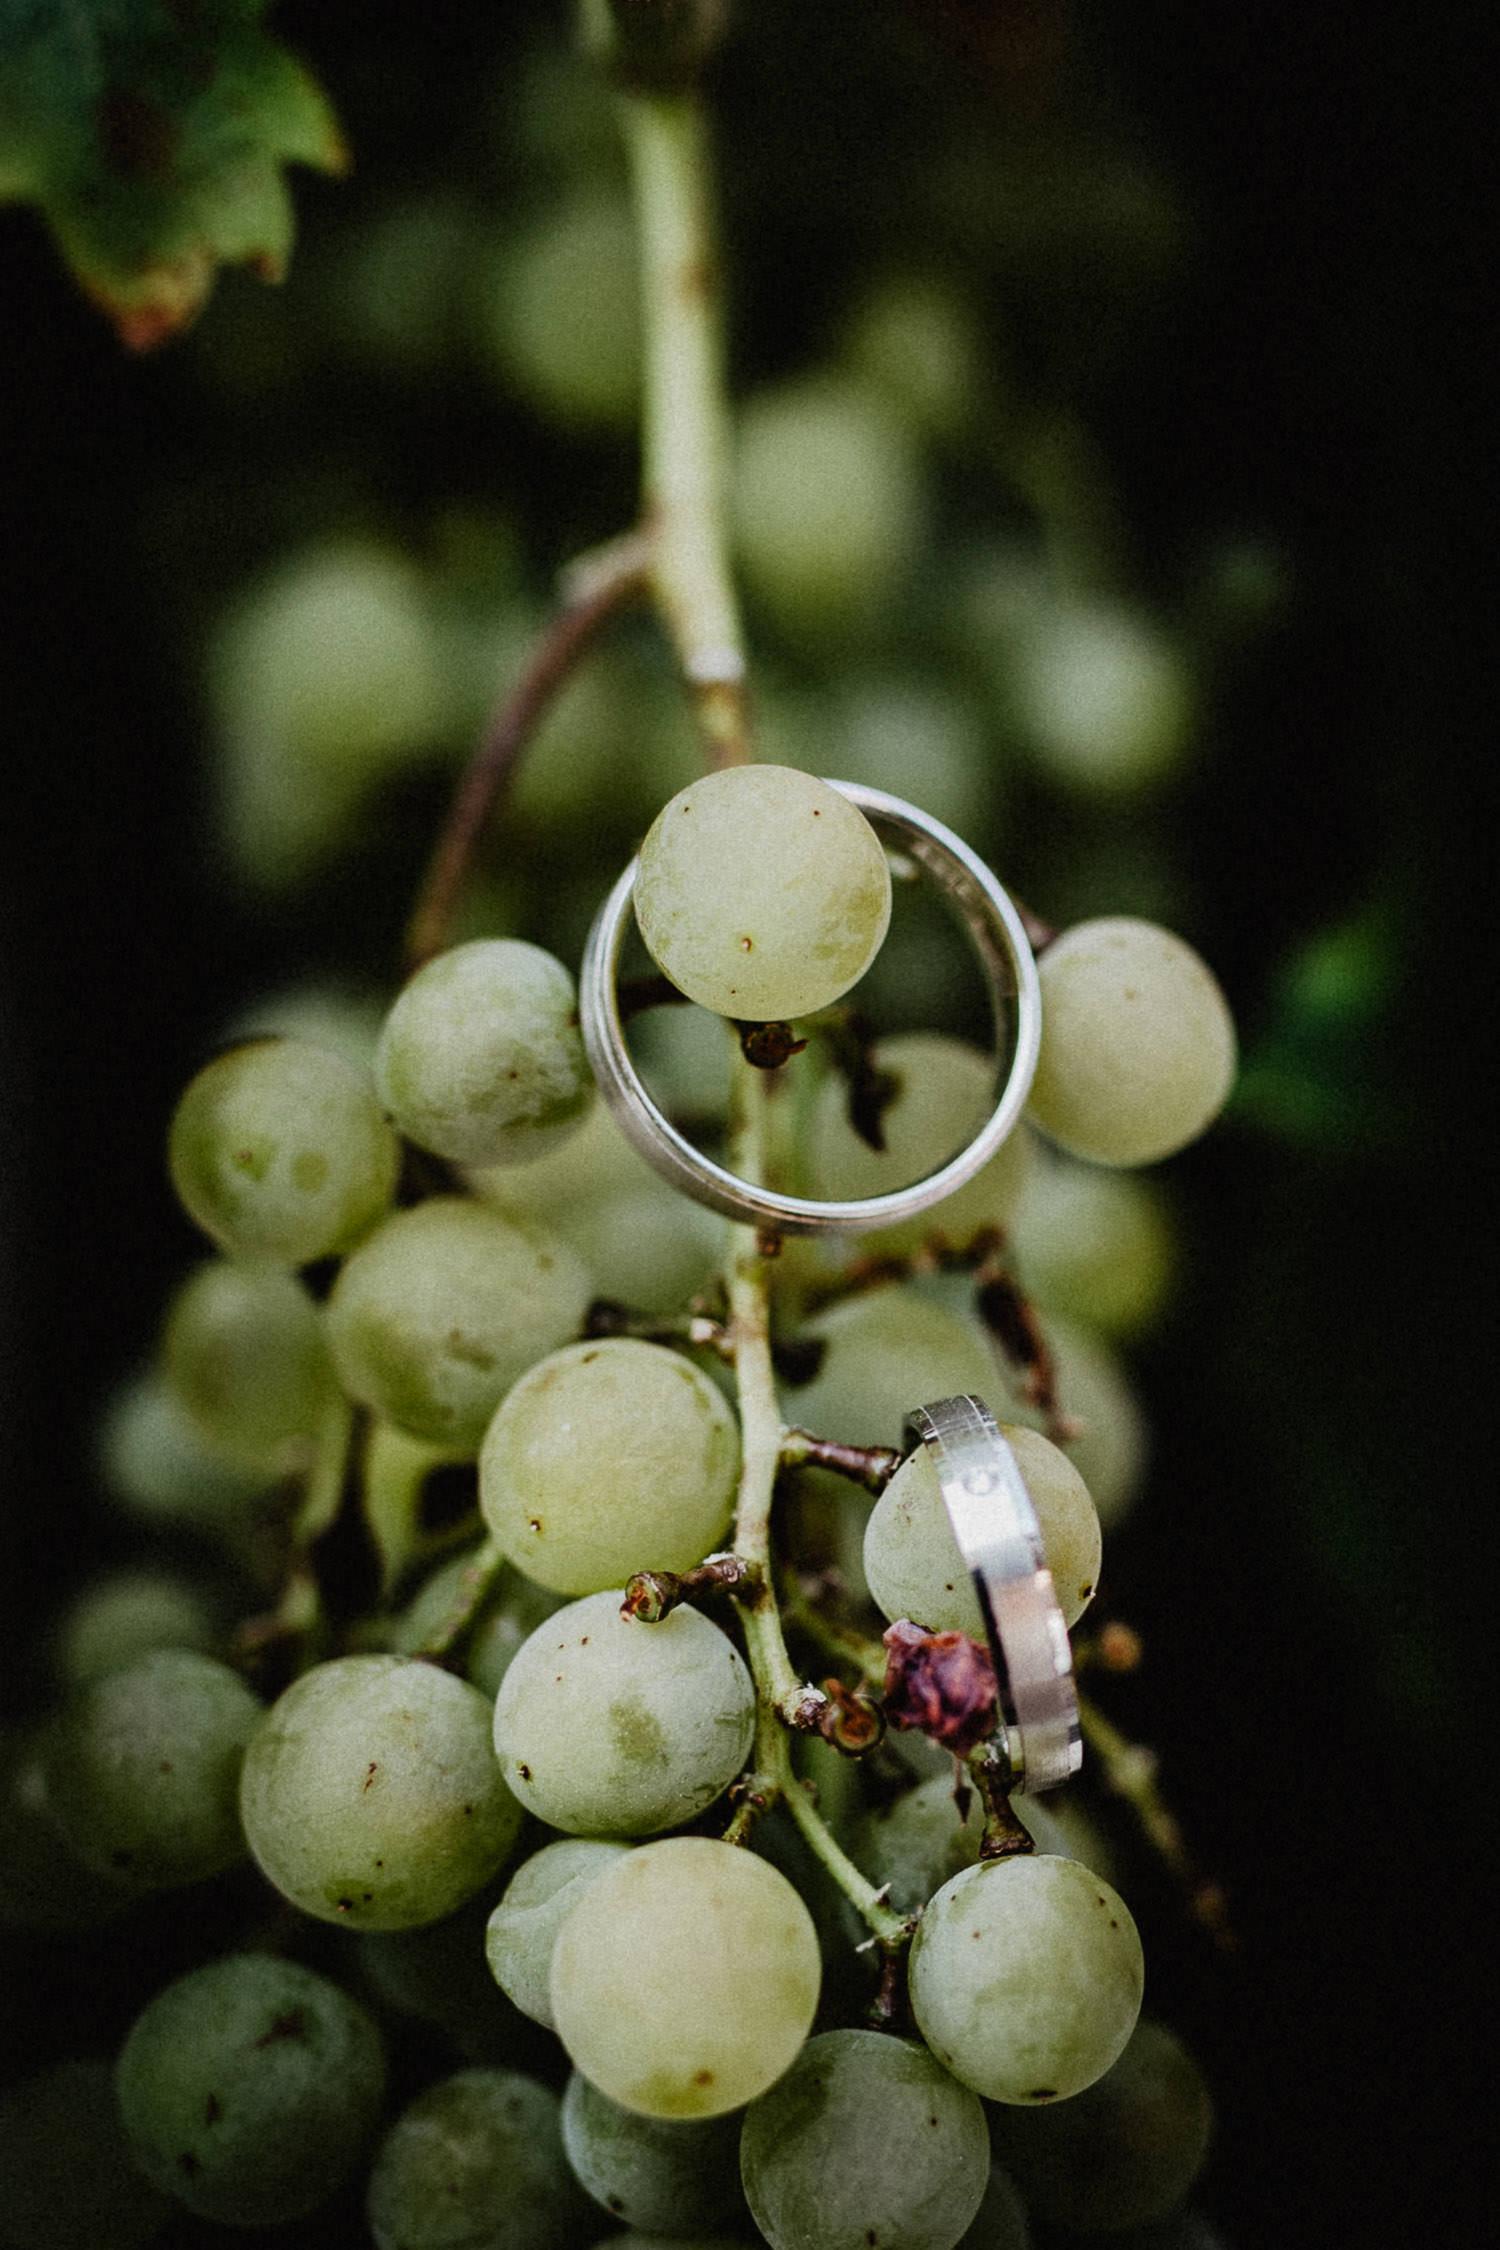 Eheringe auf Weinrebe